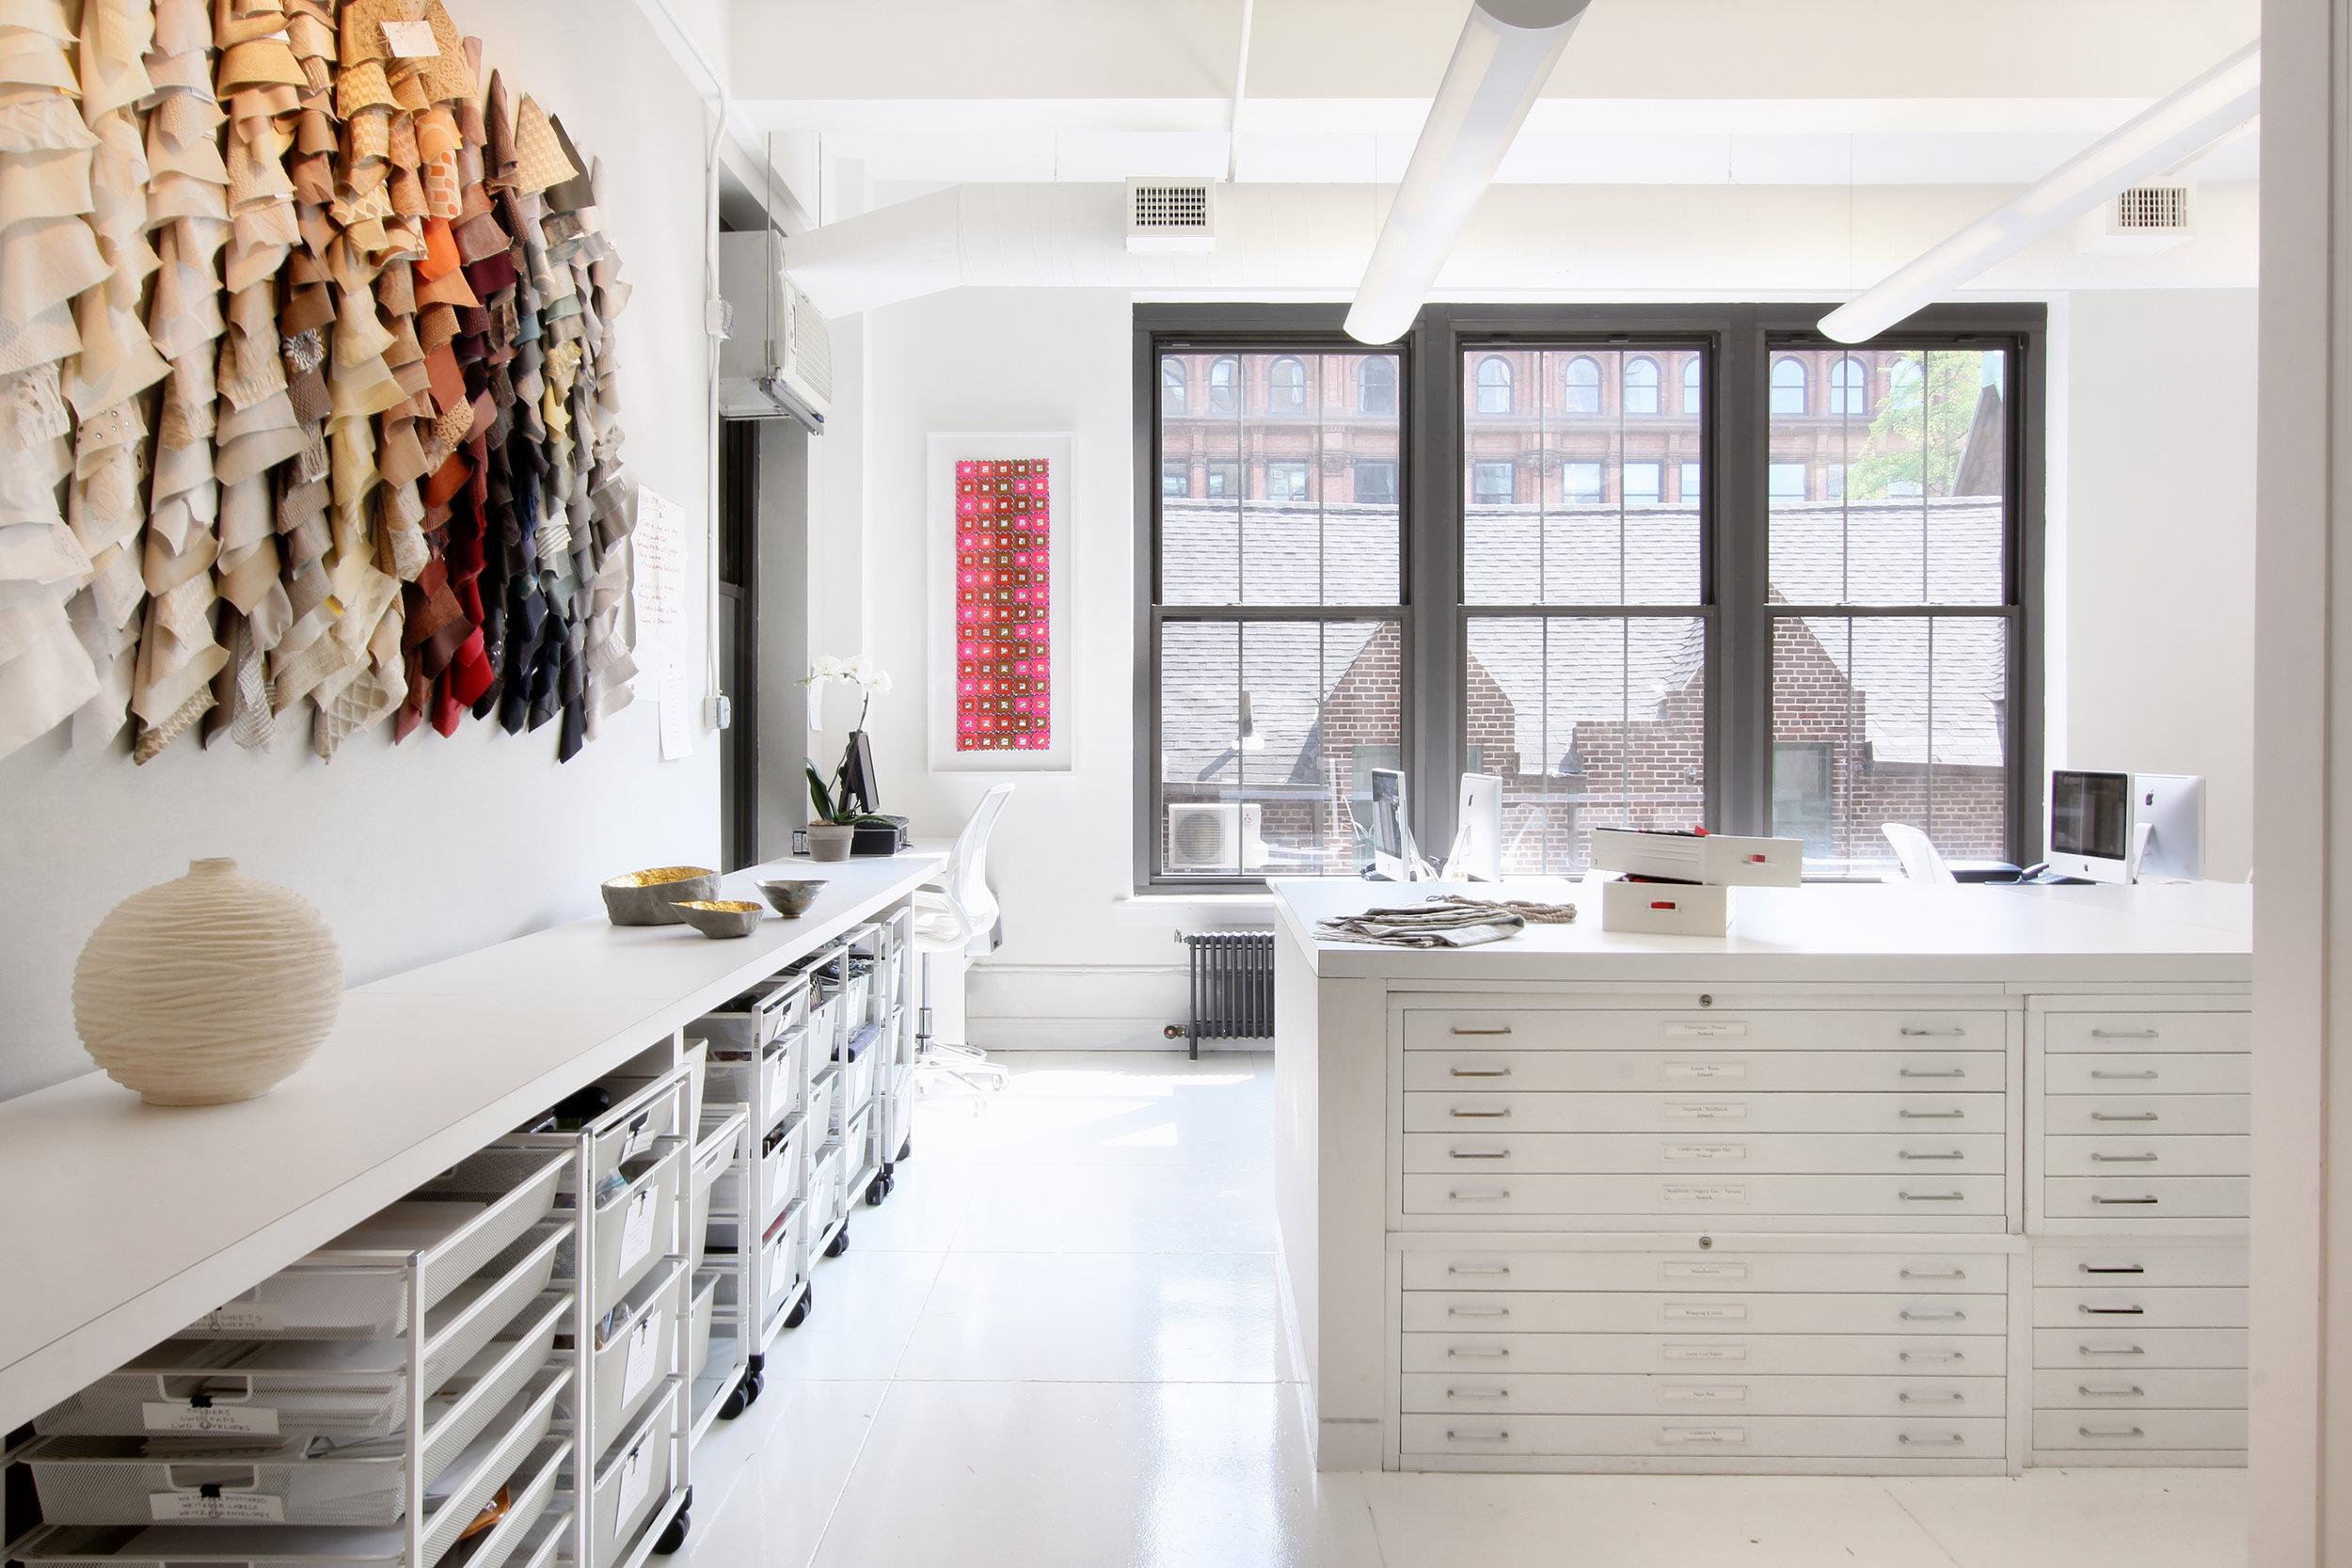 Lori Weitzner Design Studio; Zimmerman Workshop, photo by Garett Rowland